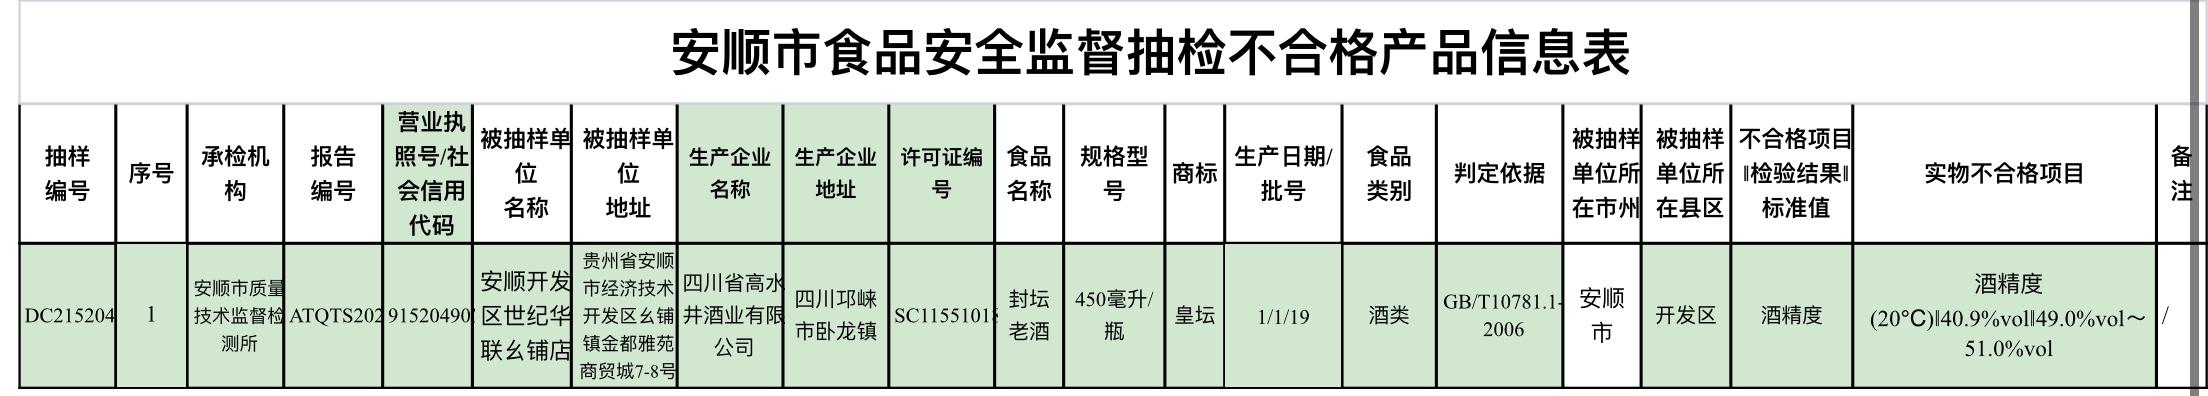 贵州安顺抽检食品安全,一批高水京酒业酒精含量不合格